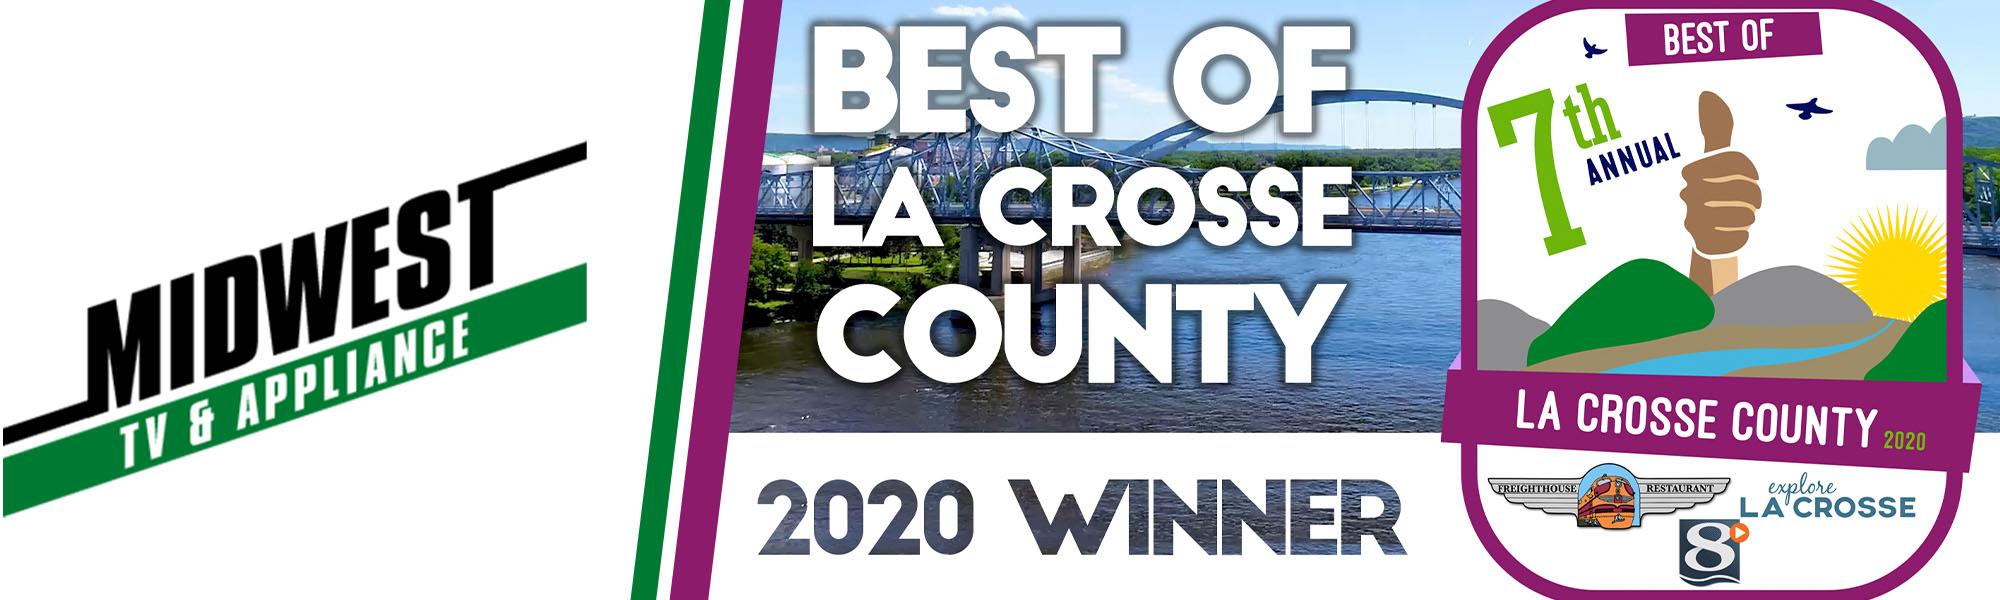 Best of La Crosse County